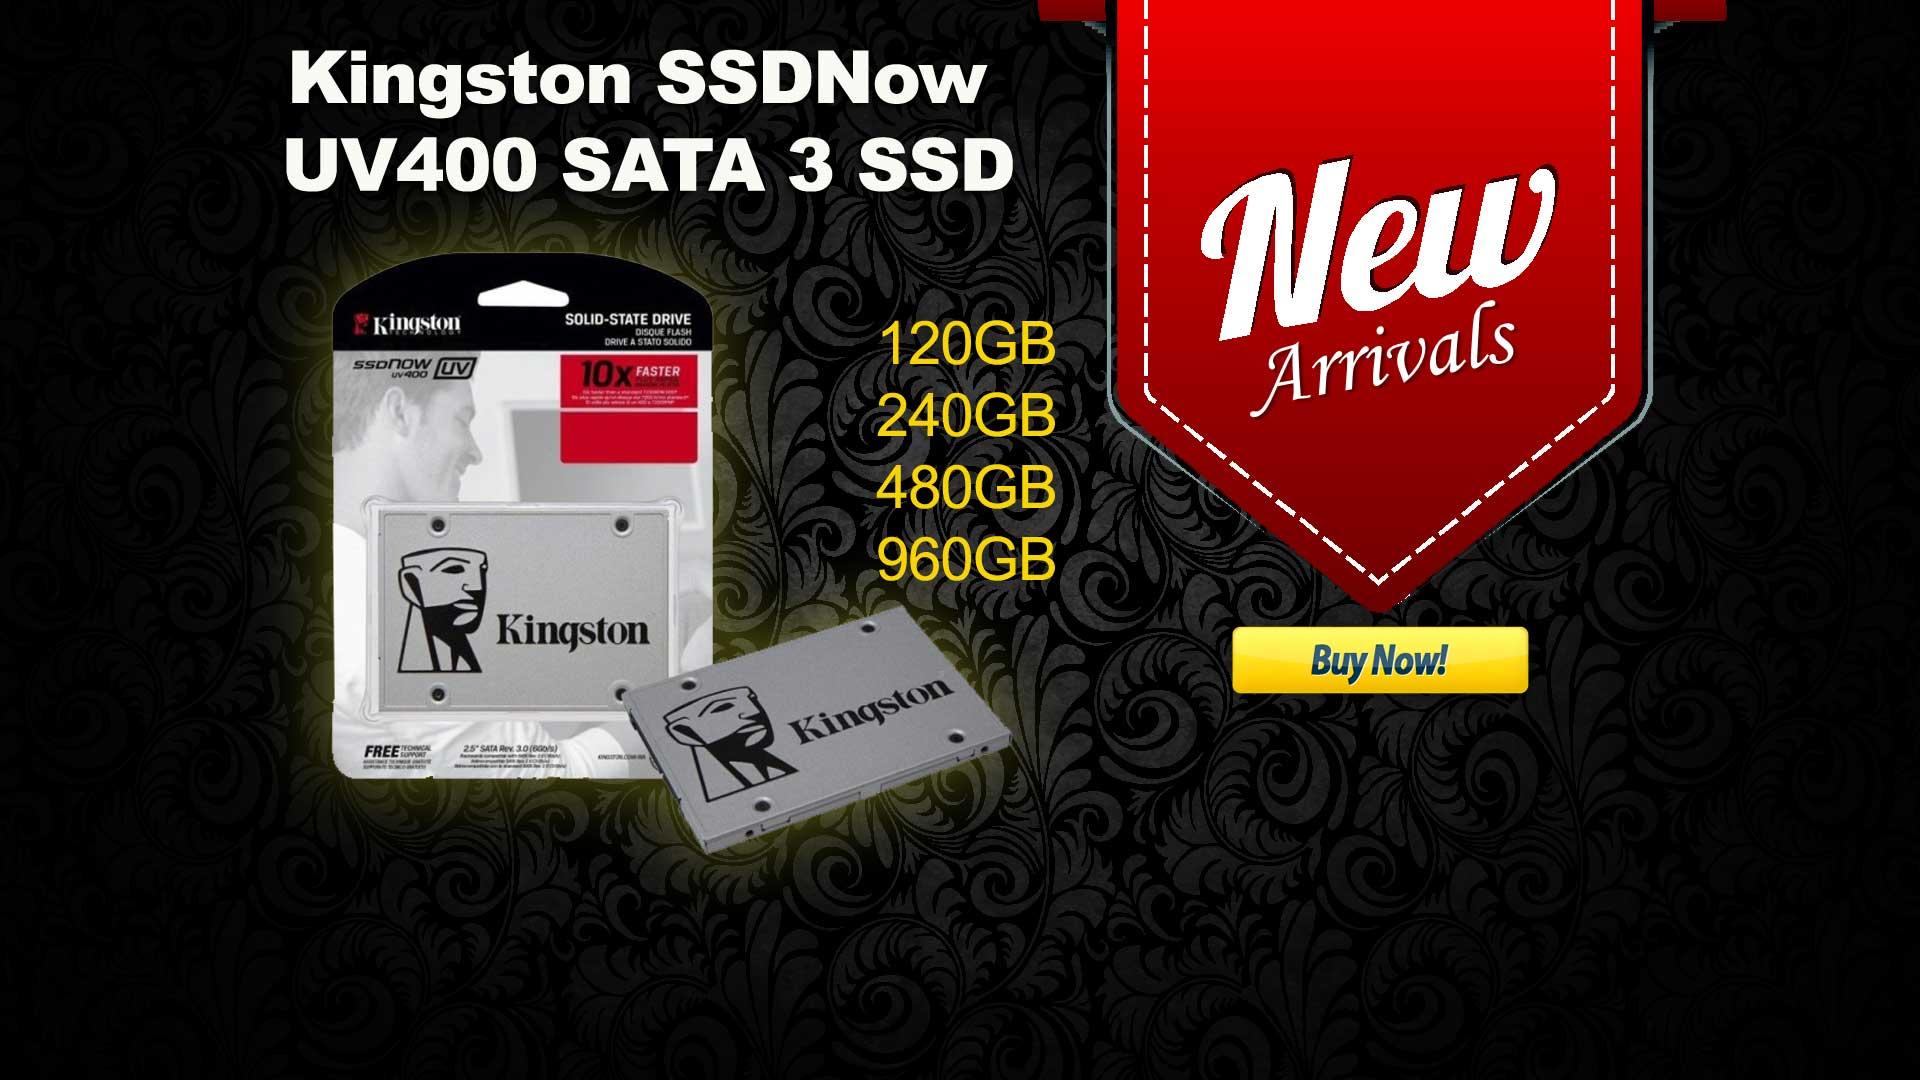 kingston-uv400-ssd-banner